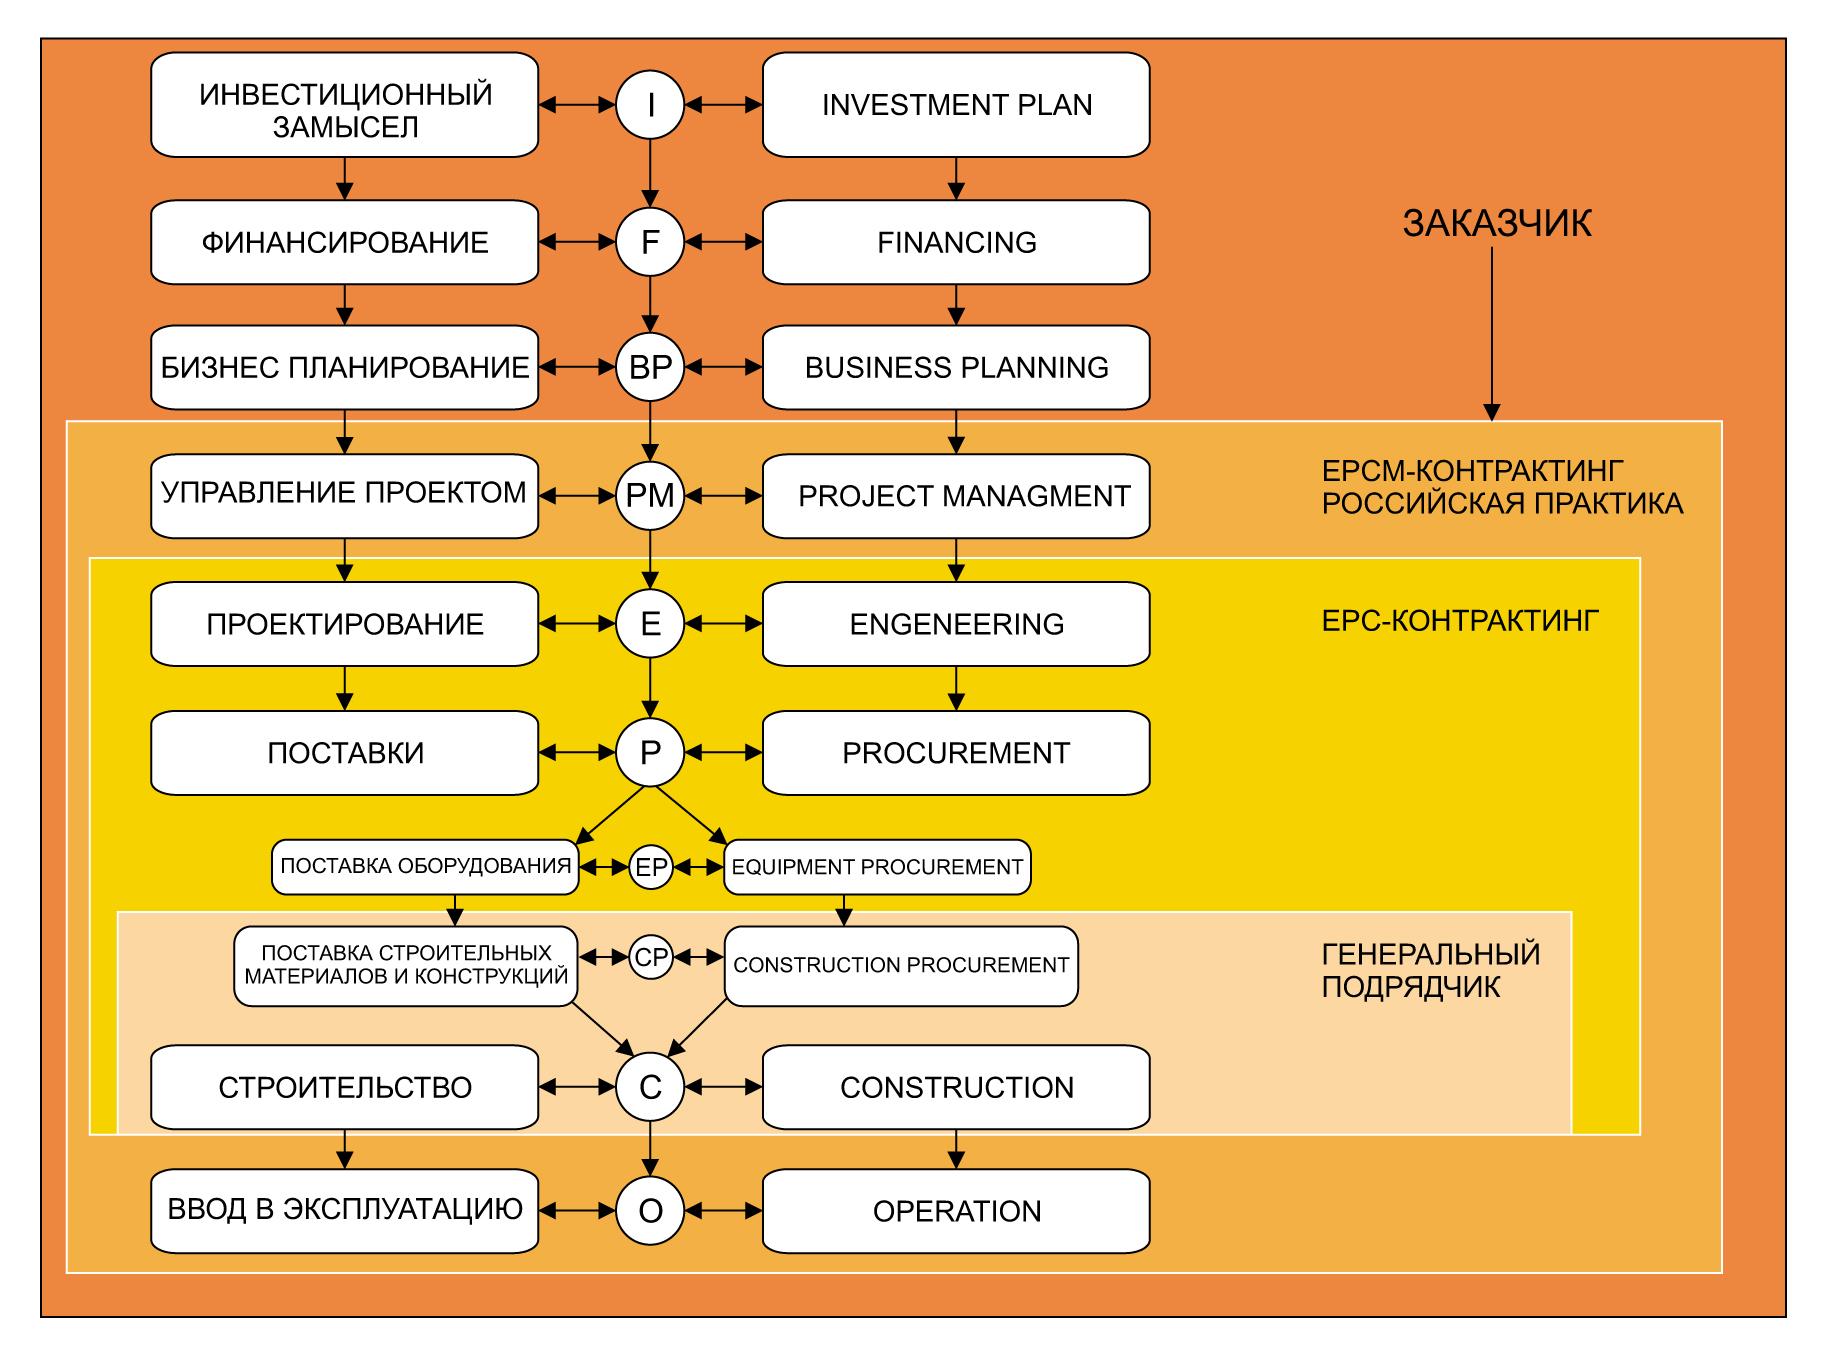 Этапы развития инвестиционного проекта и масштаб работ в различных системах контрактинга. Модель EPCM-контрактинга дана в российской интерпретации с расширенным управленческим функционалом